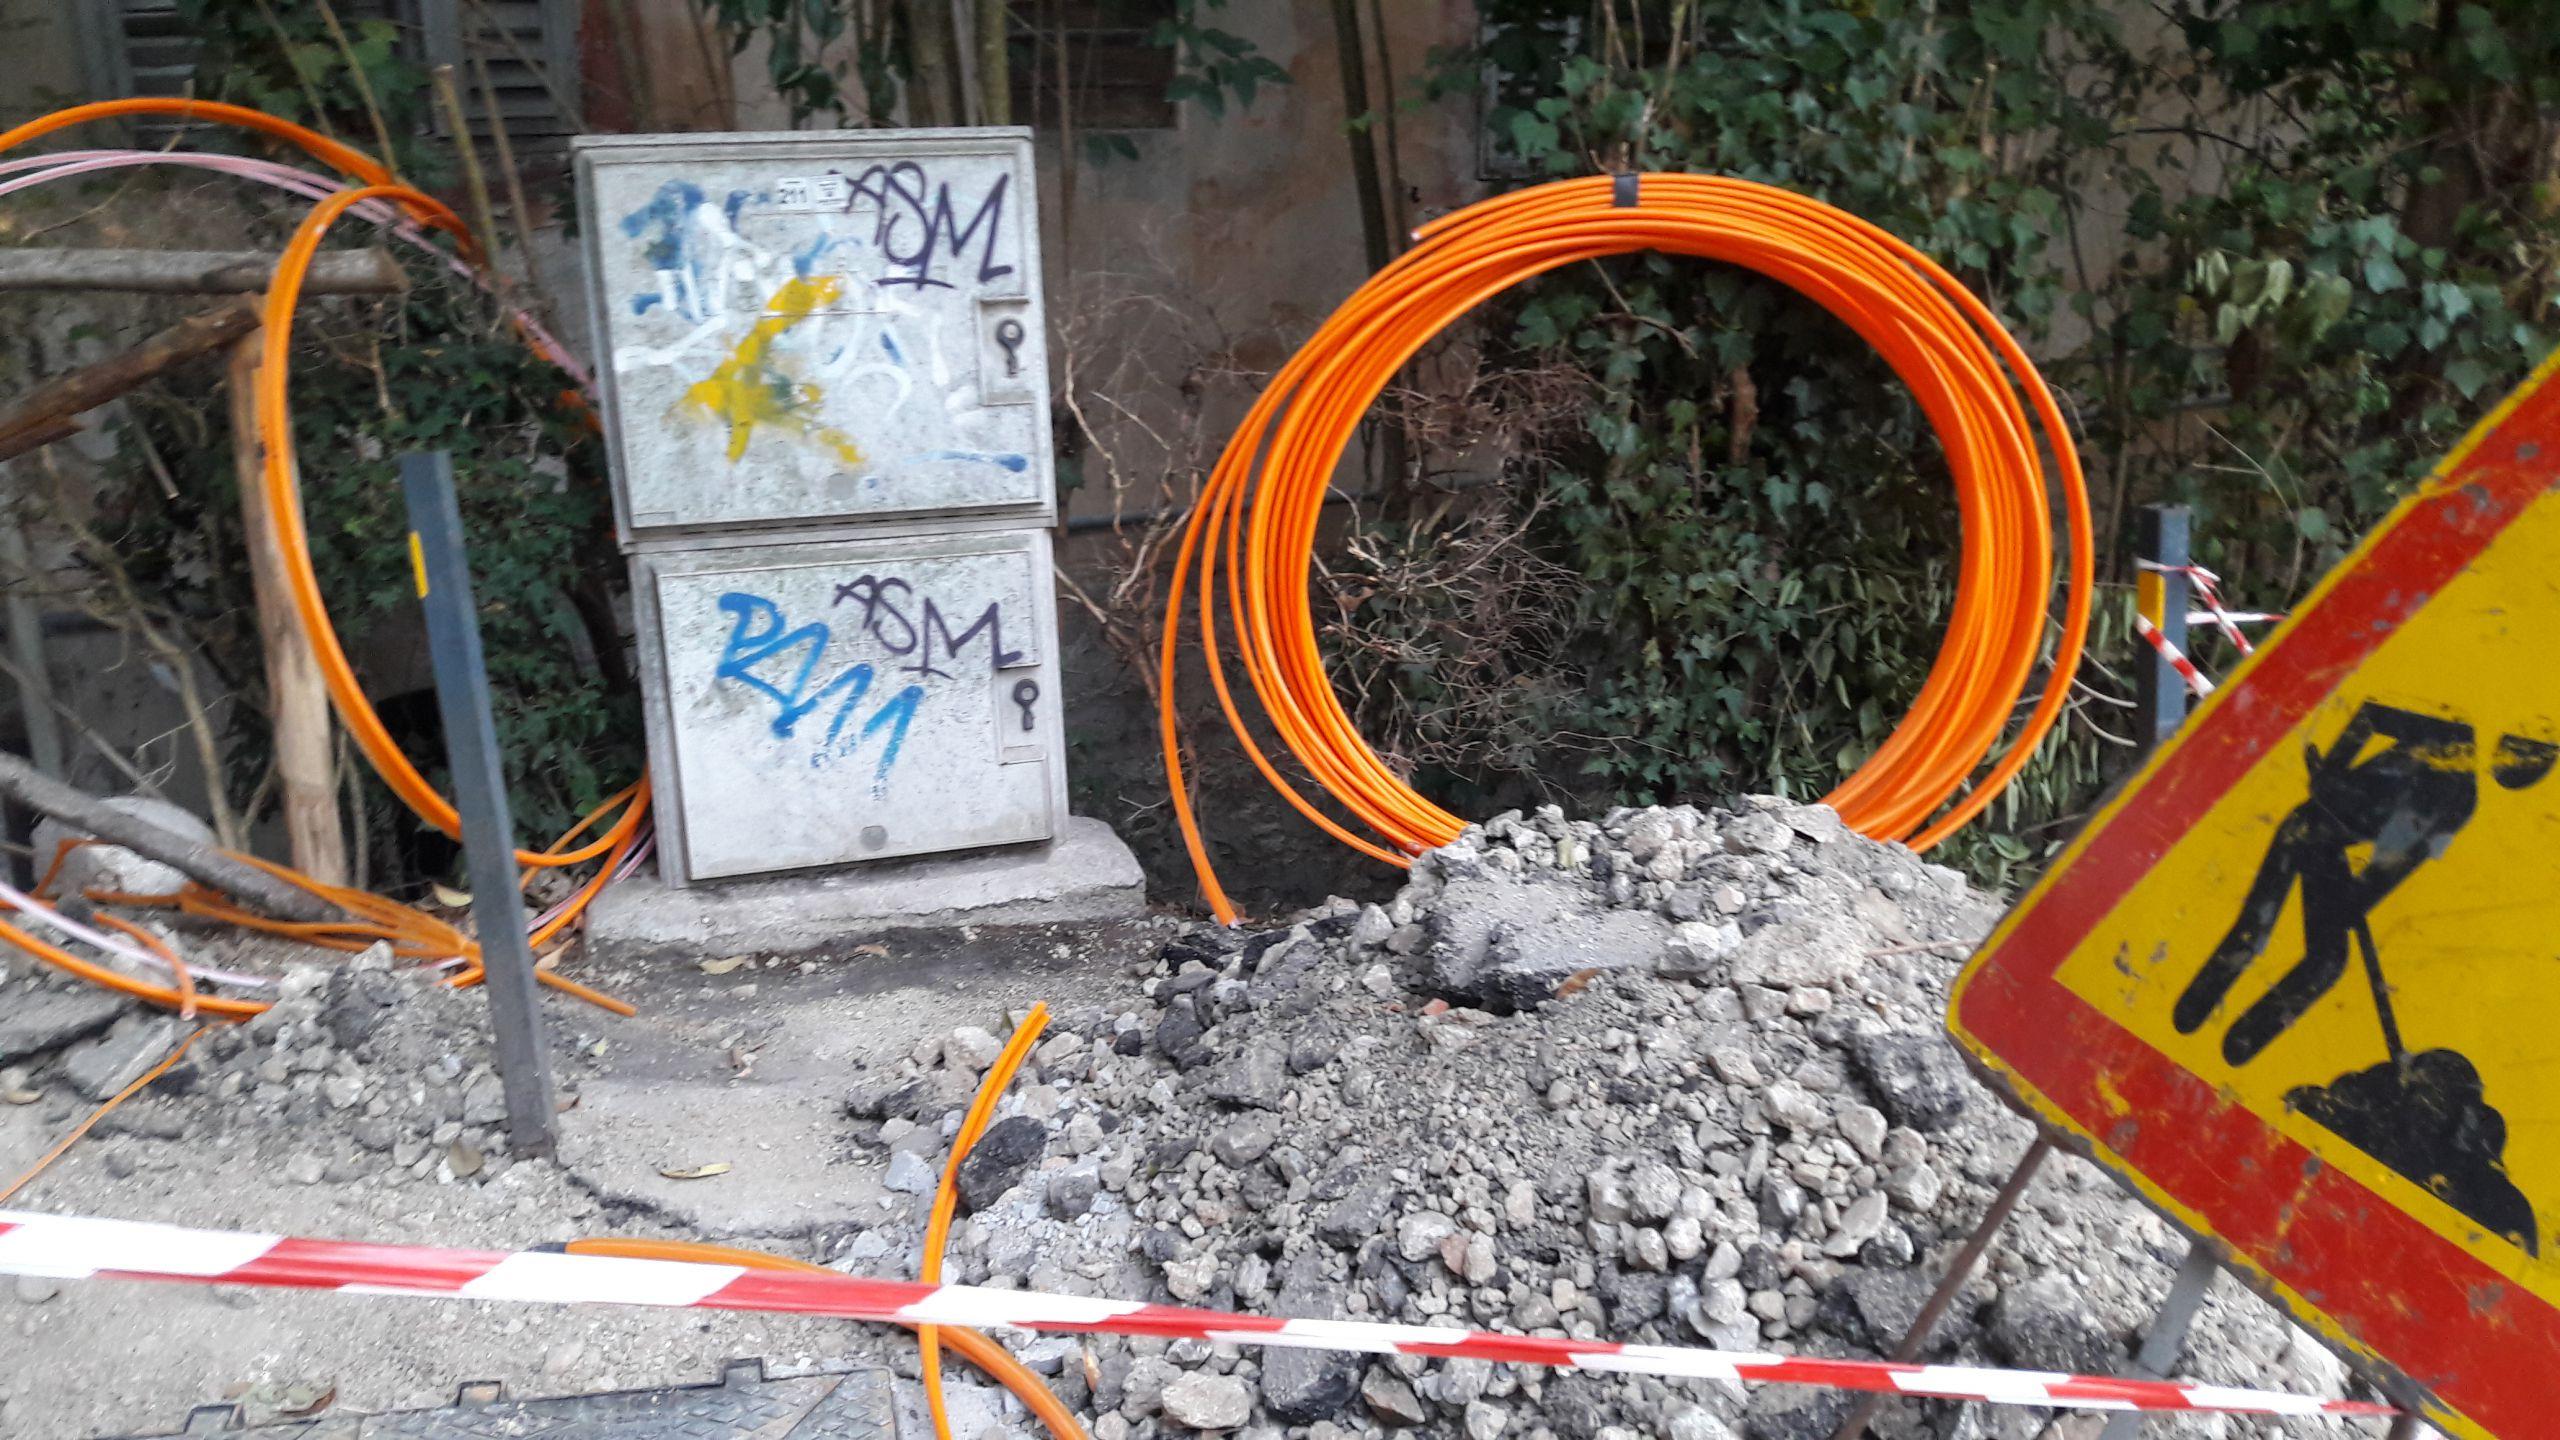 Banda larga...ma non per tutti, nemmeno a Perugia. 20 frazioni tagliate fuori.